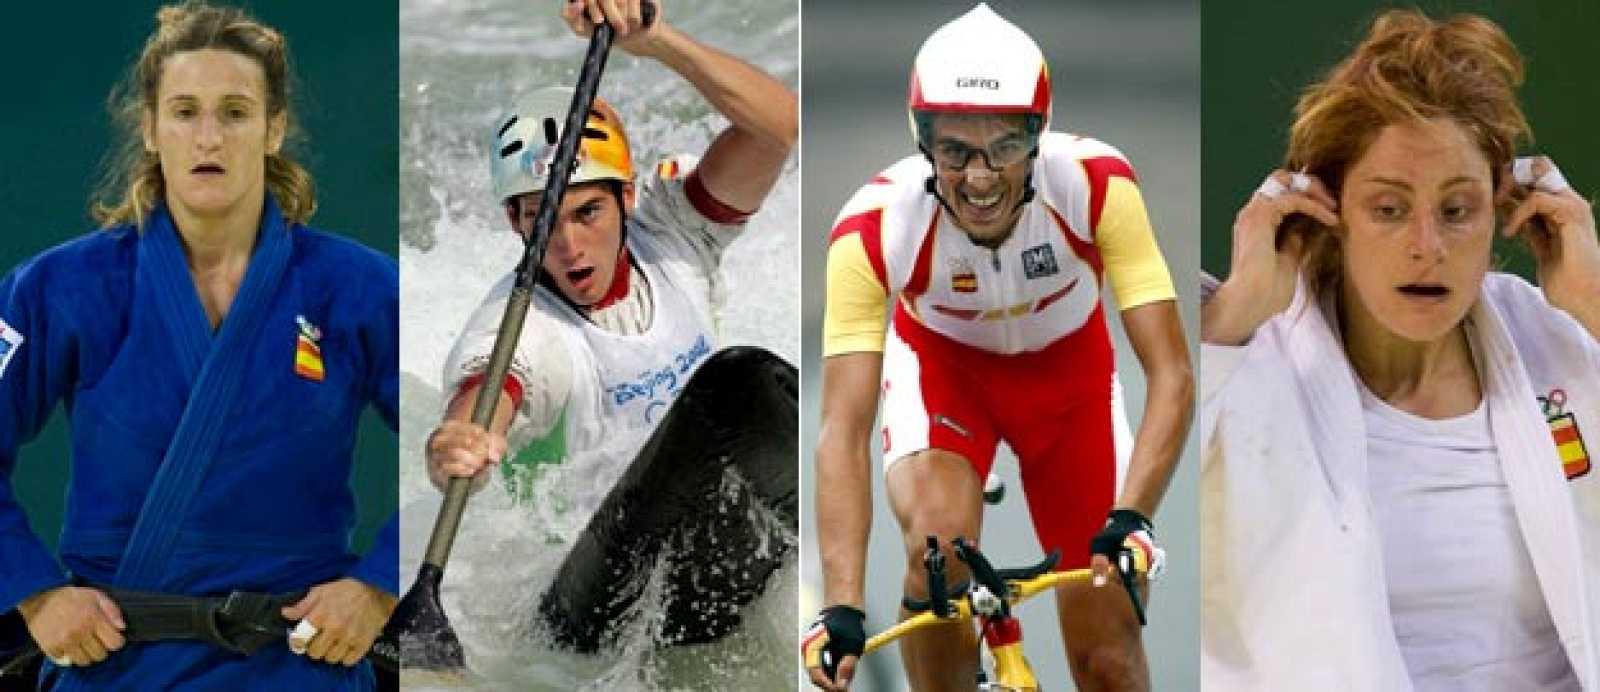 Leire Iglesias, el piragüsita Ander Elosegui, Alberto Contador y Esther San Miguel se han quedado a las puertas de las medallas.